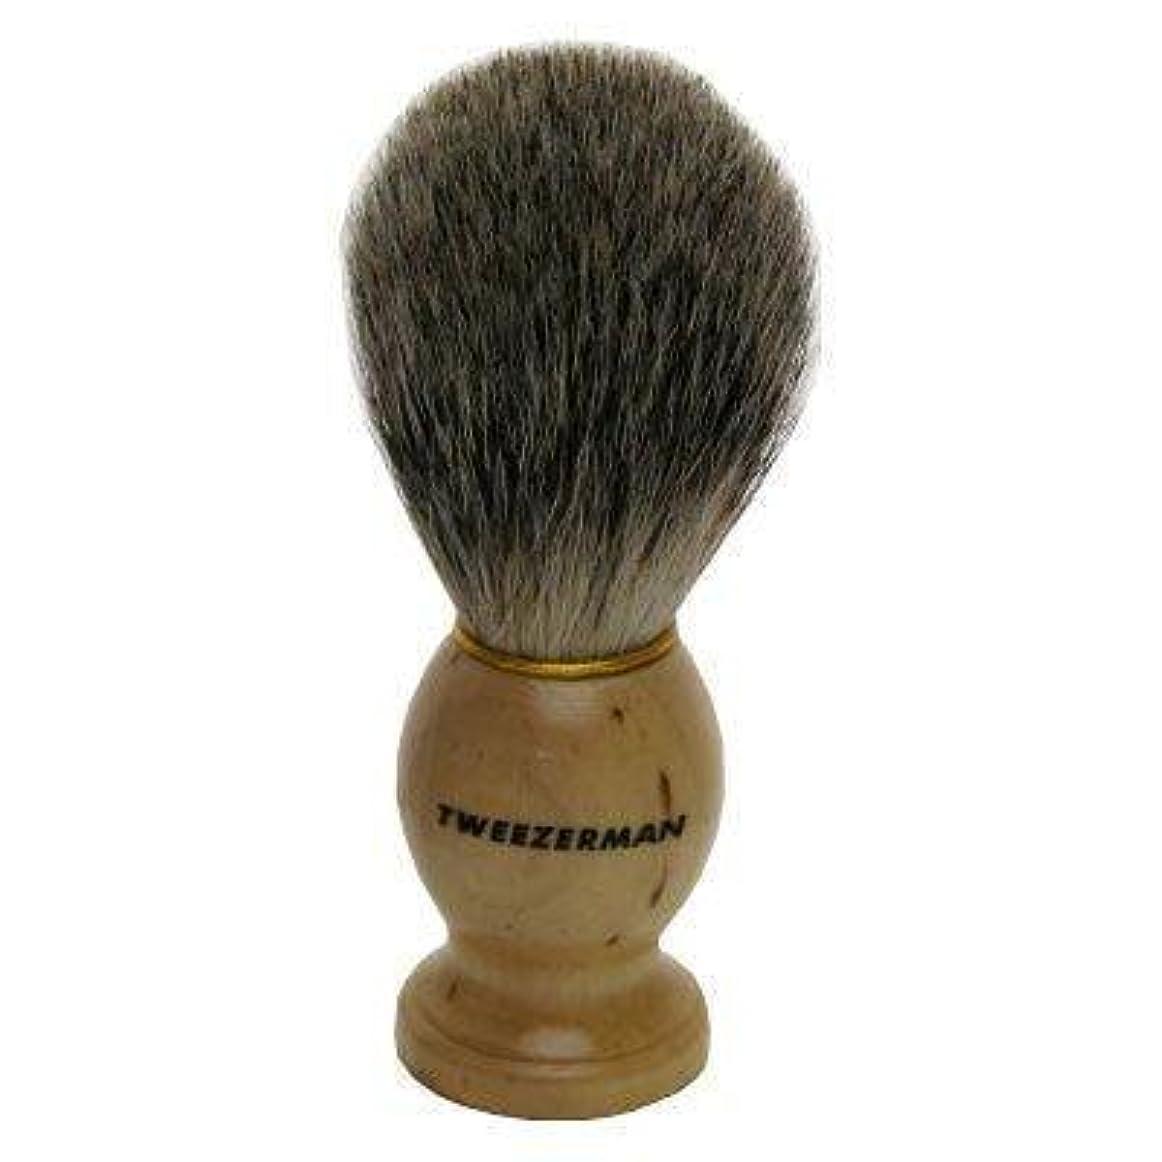 ビリーバクテリアブランクTweezerman メンズ シェービングブラシ(100%アナグマの毛)